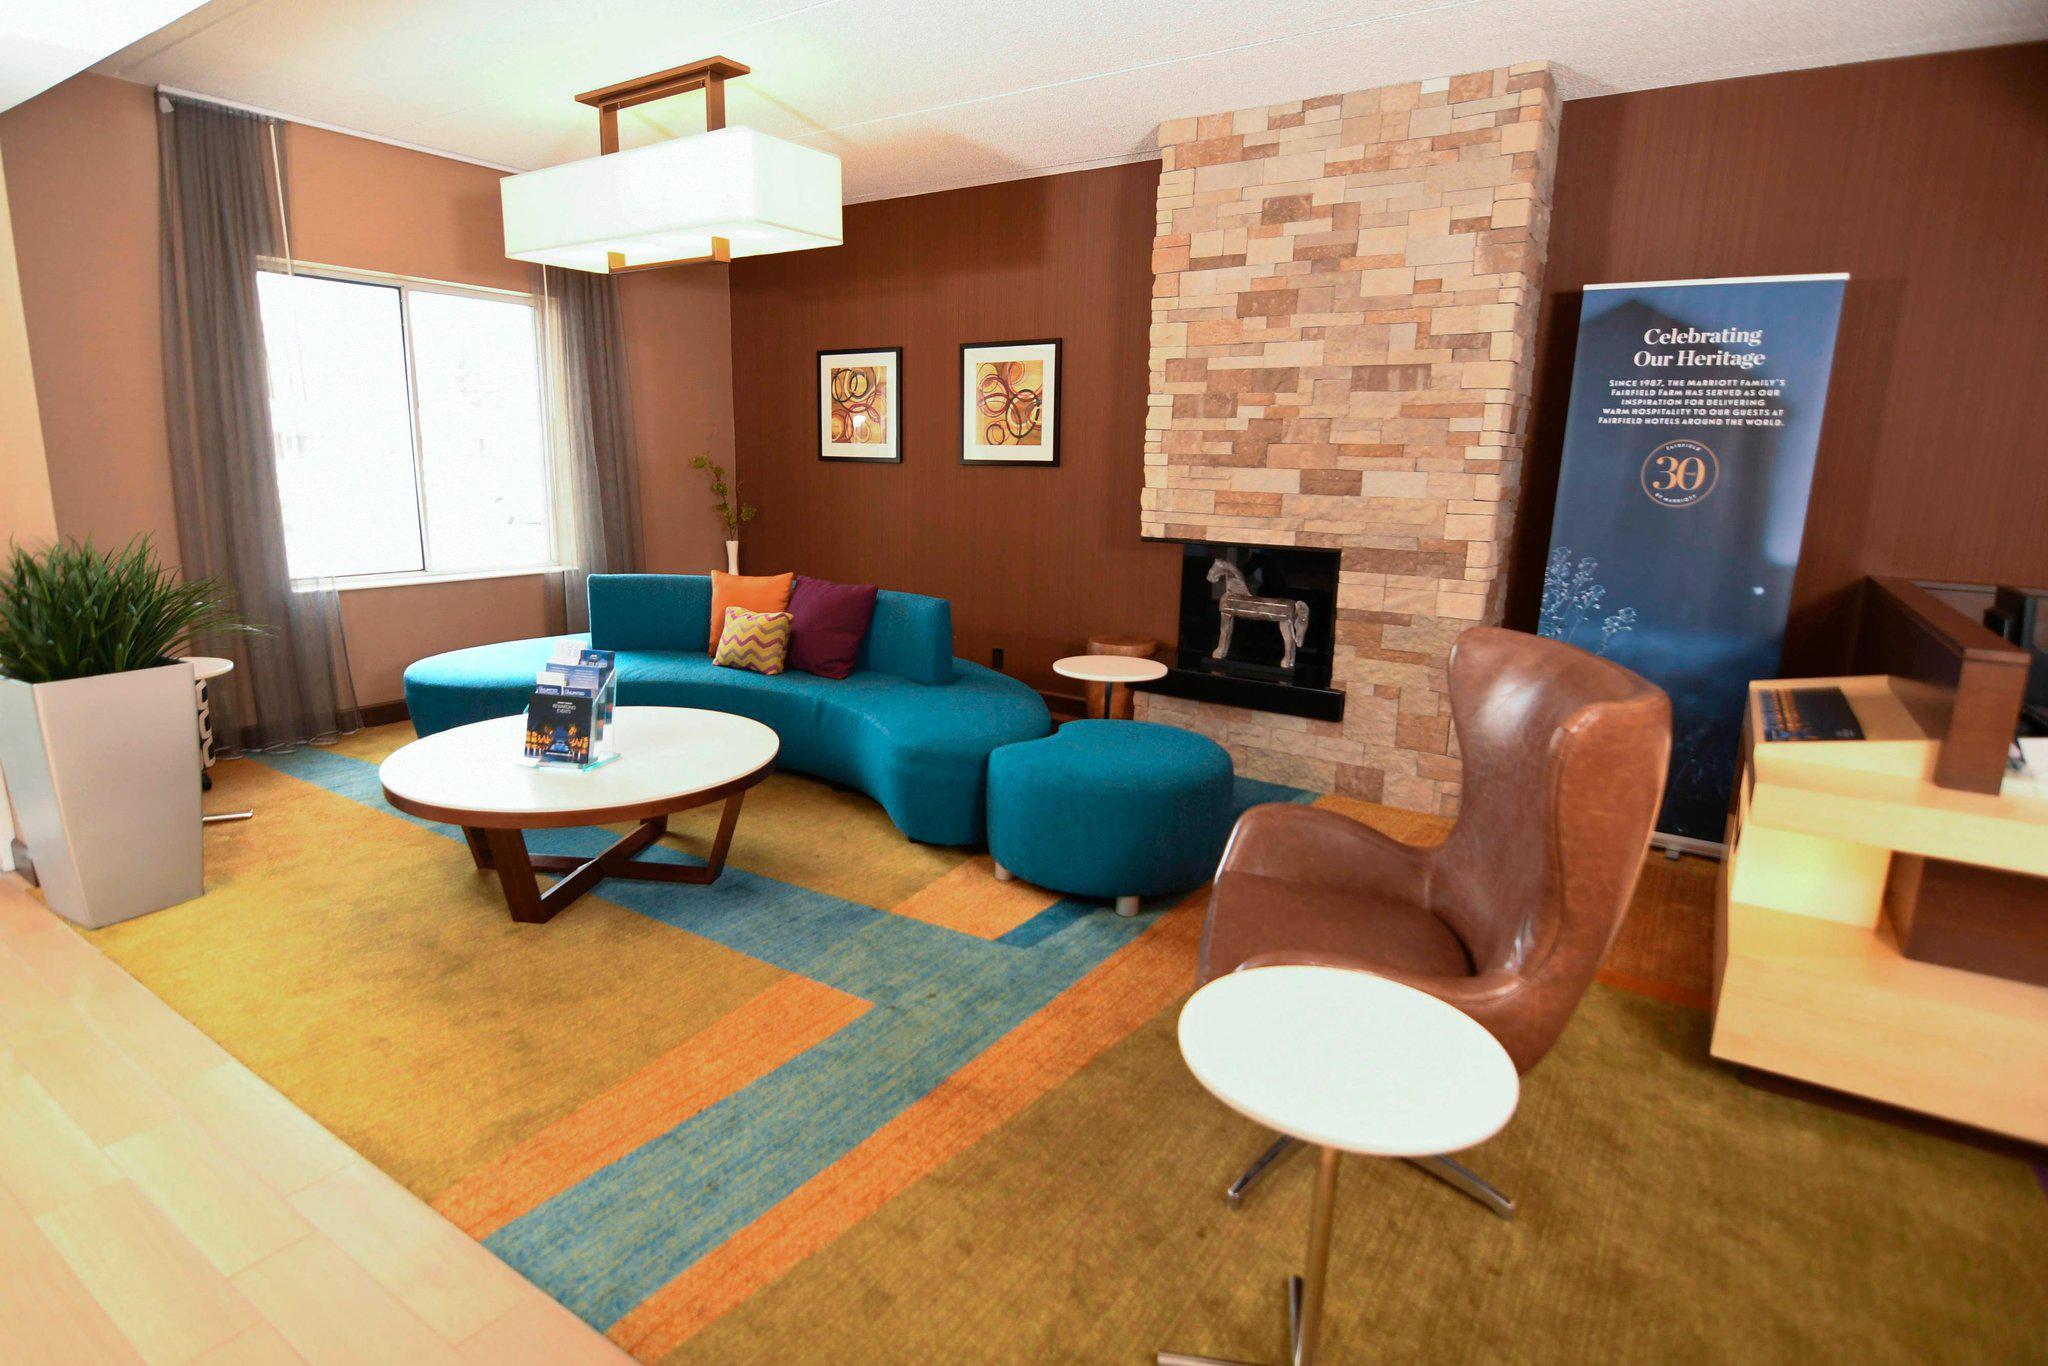 Fairfield Inn & Suites by Marriott Sandusky